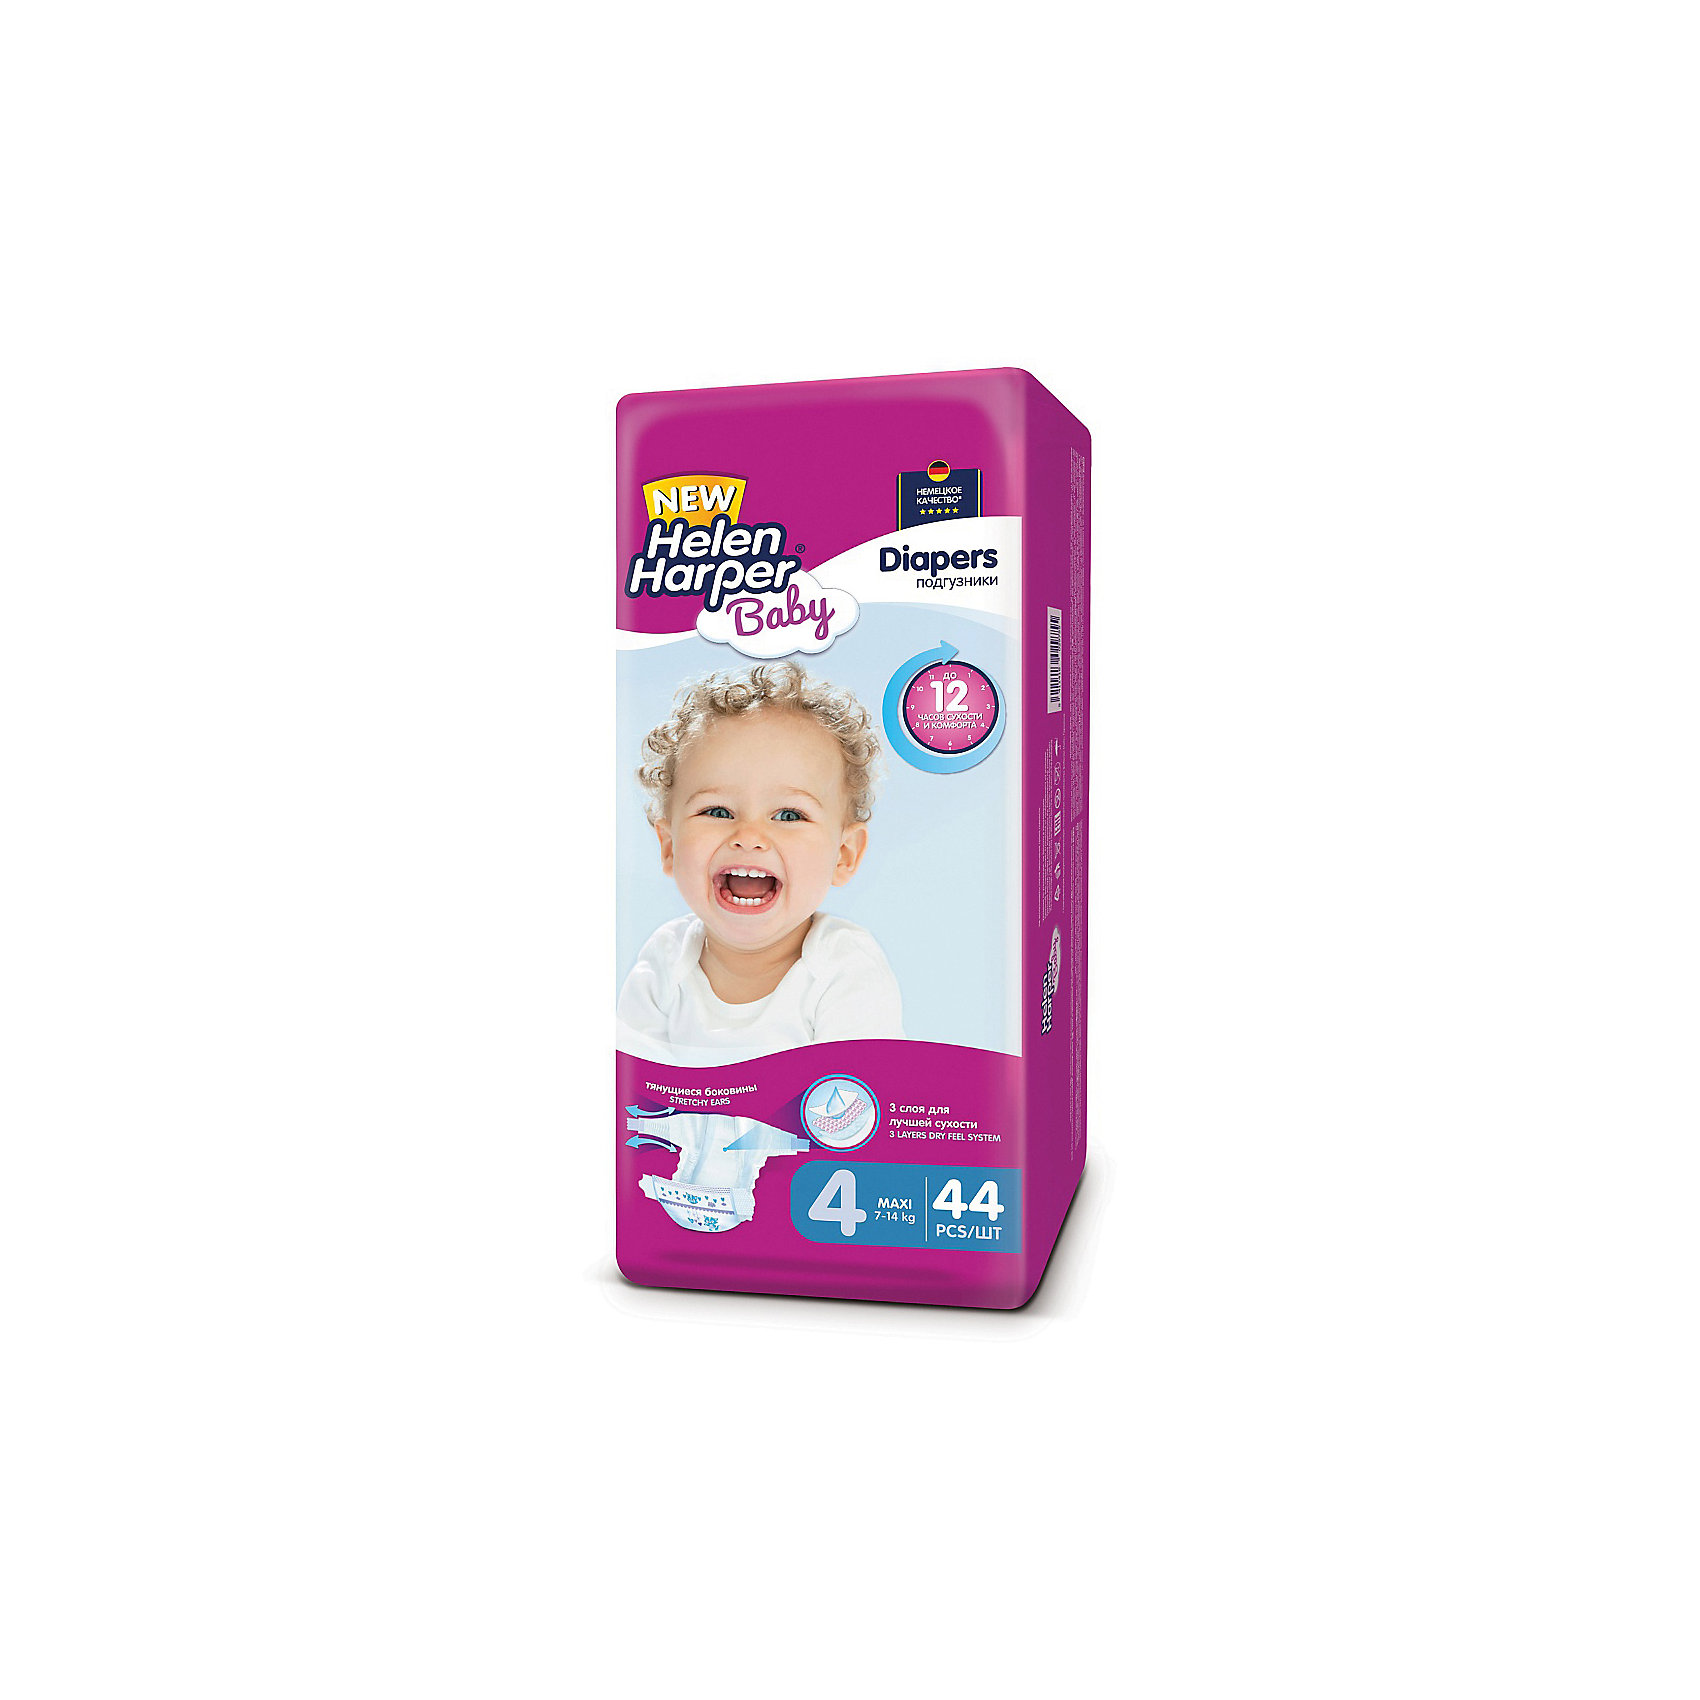 Подгузники Maxi Helen Harper Baby 7-14 кг., 44 шт.Детские подгузники Helen Harper Baby отличаются красочным дизайном и превосходным качеством. Они выполнены из гипоаллергенного дышащего материала без отдушек и ароматизаторов, имеют многоразовые застежки-липучки с пониженным уровнем шума. Уникальная система впитывания надежно удерживает жидкость внутри подгузника, превращая ее в гель и защищая от протеканий. Мягкий внутренний слой препятствует возникновению раздражений на нежной коже малыша и обеспечивает дополнительный комфорт. Благодаря эластичным боковинам и особой анатомической форме подгузник хорошо прилегает к телу ребенка, при этом не стягивает и не натирает кожу.<br><br>Особенности:<br>Высокая впитываемость (система Dry Feel).<br>Внутренний мягкий слой подгузника препятствует возникновению раздражений и опрелостей.<br>Многоразовая застежка-липучка обеспечивает удобство в использовании.<br>Превосходно сидят благодаря анатомической форме подгузника.<br>Эластичные дышащие боковые оборочки препятствуют проникновению влаги наружу.<br>Выполнены из дышащего гипоаллергенного материала.<br><br>Ширина мм: 600<br>Глубина мм: 600<br>Высота мм: 200<br>Вес г: 1683<br>Возраст от месяцев: 6<br>Возраст до месяцев: 24<br>Пол: Унисекс<br>Возраст: Детский<br>SKU: 4729780